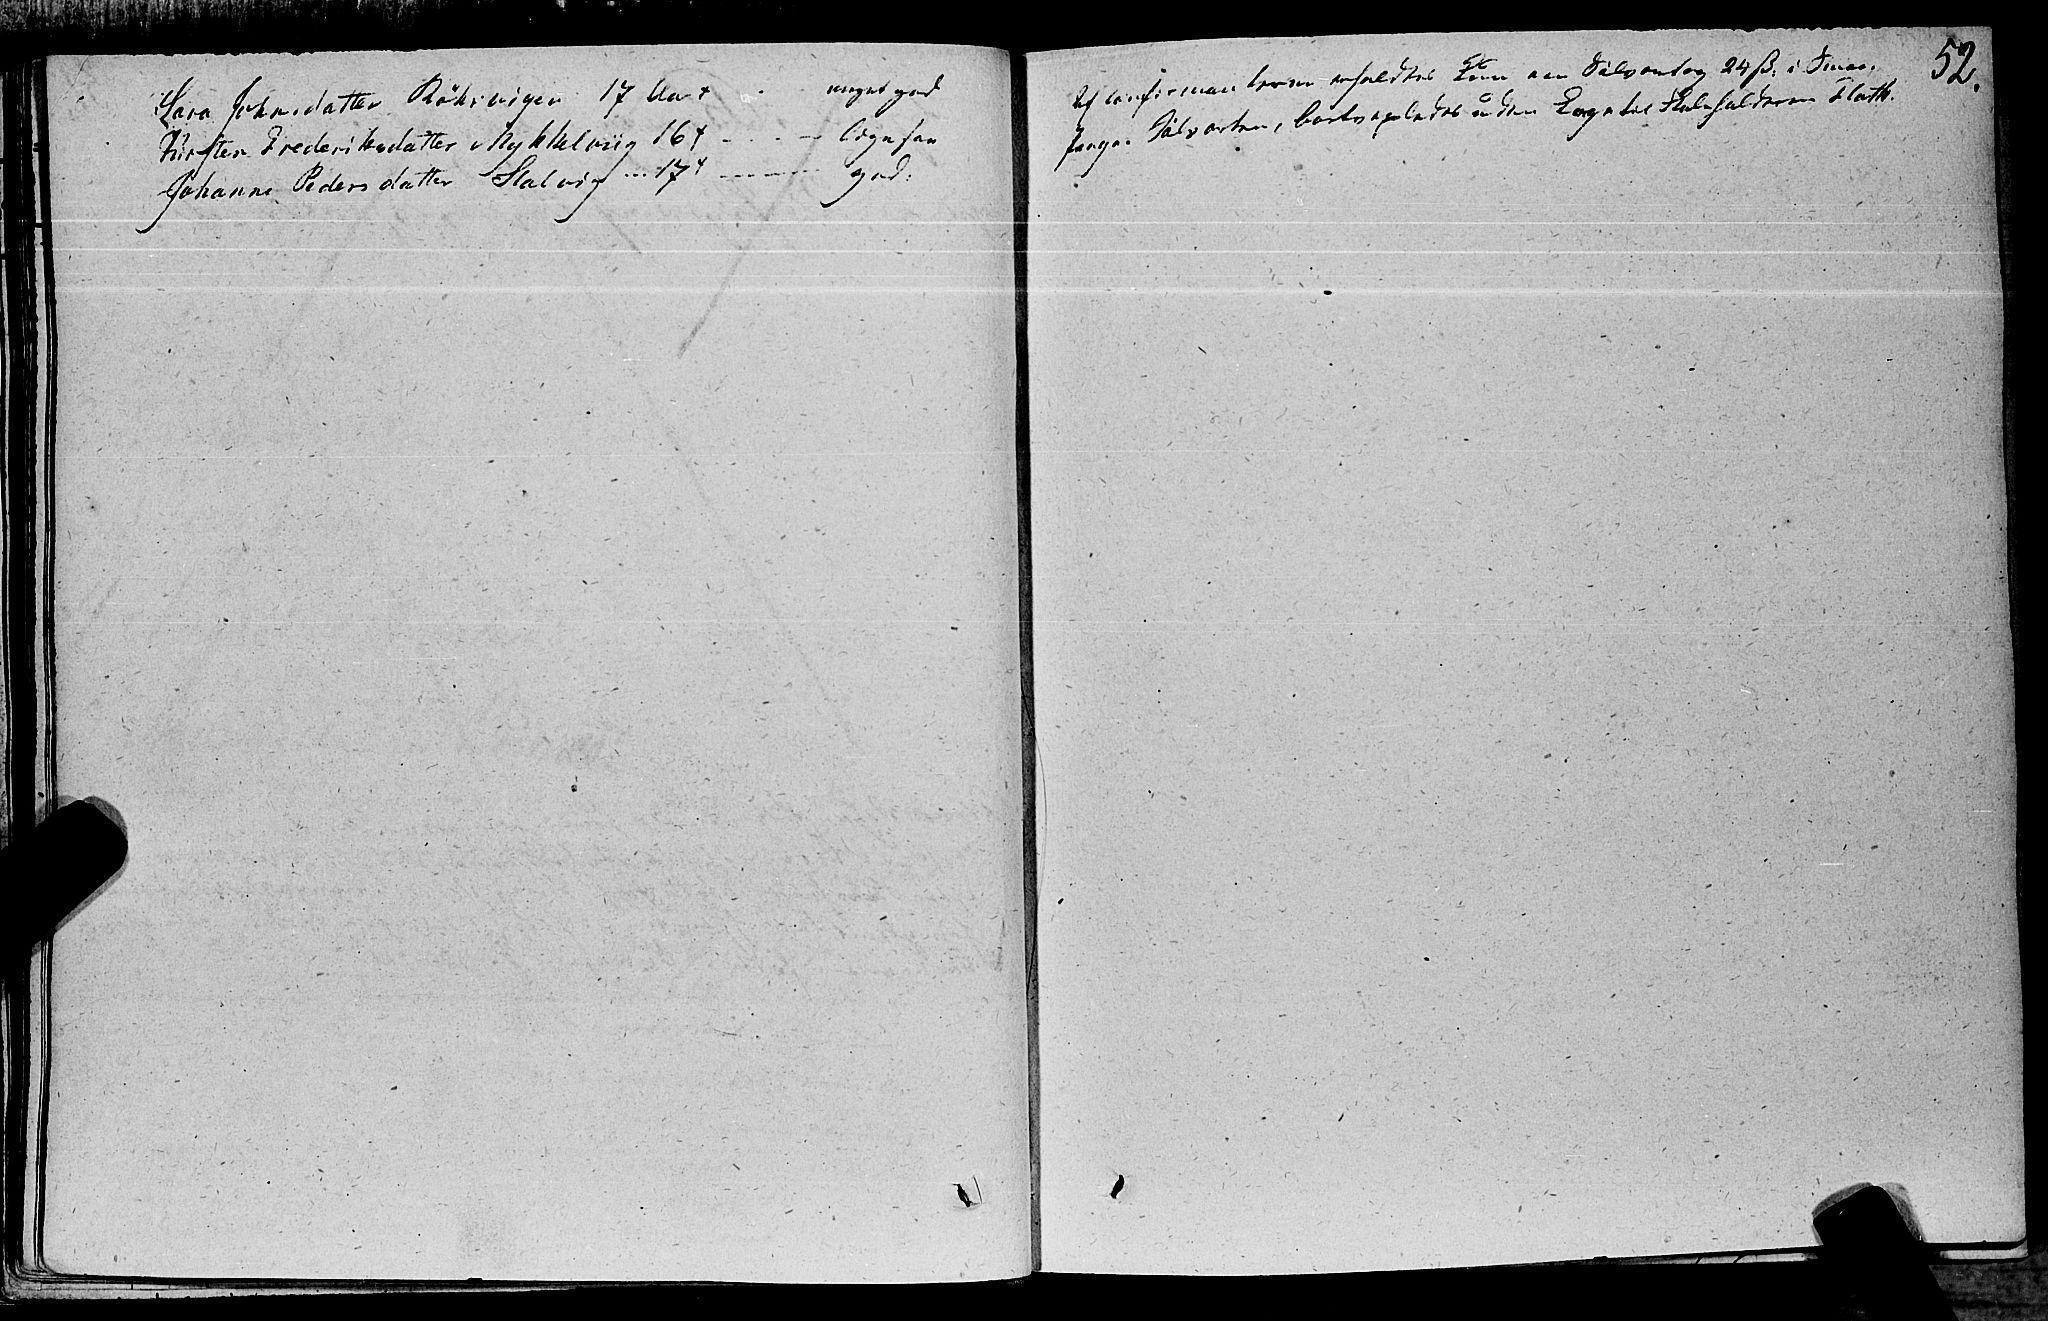 SAT, Ministerialprotokoller, klokkerbøker og fødselsregistre - Nord-Trøndelag, 762/L0538: Ministerialbok nr. 762A02 /1, 1833-1879, s. 52